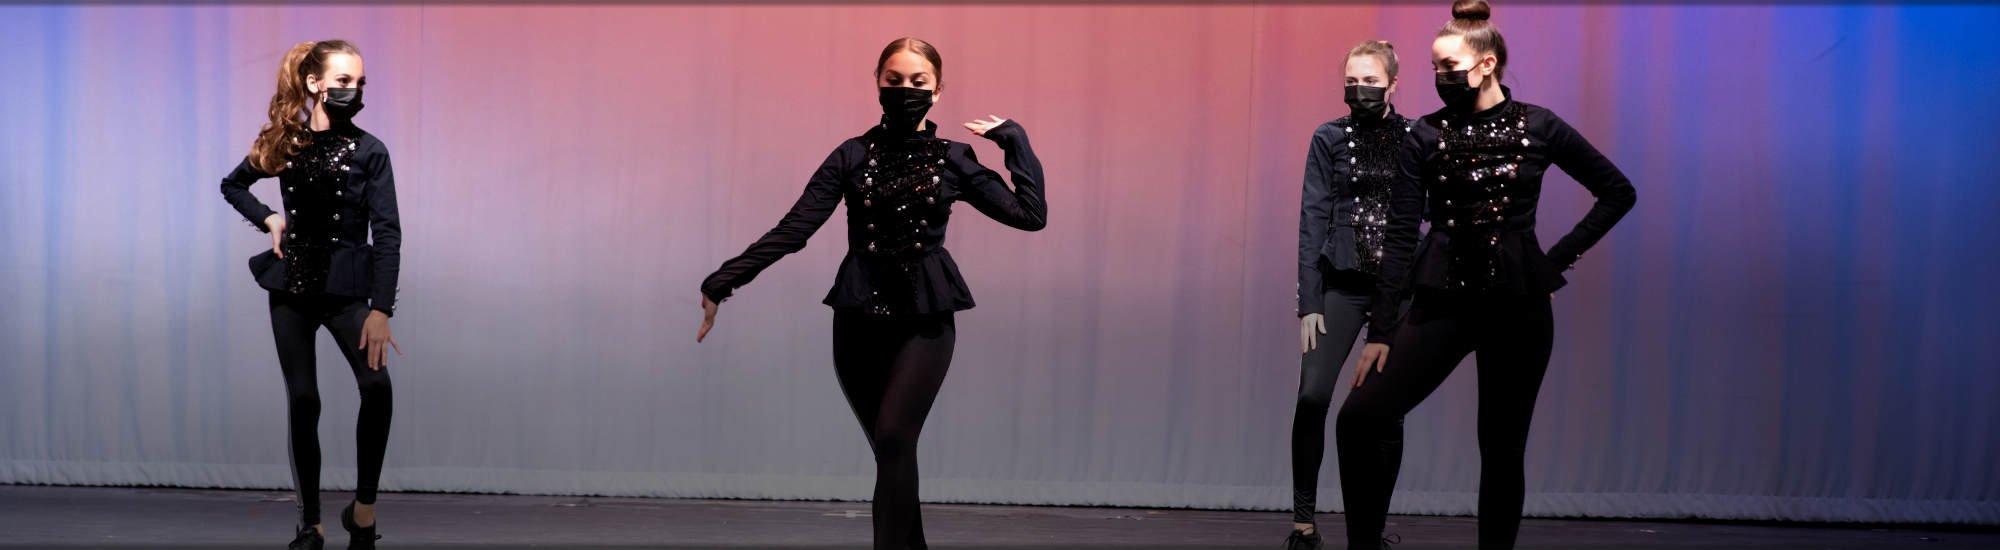 Safe Dance Classes Hartford